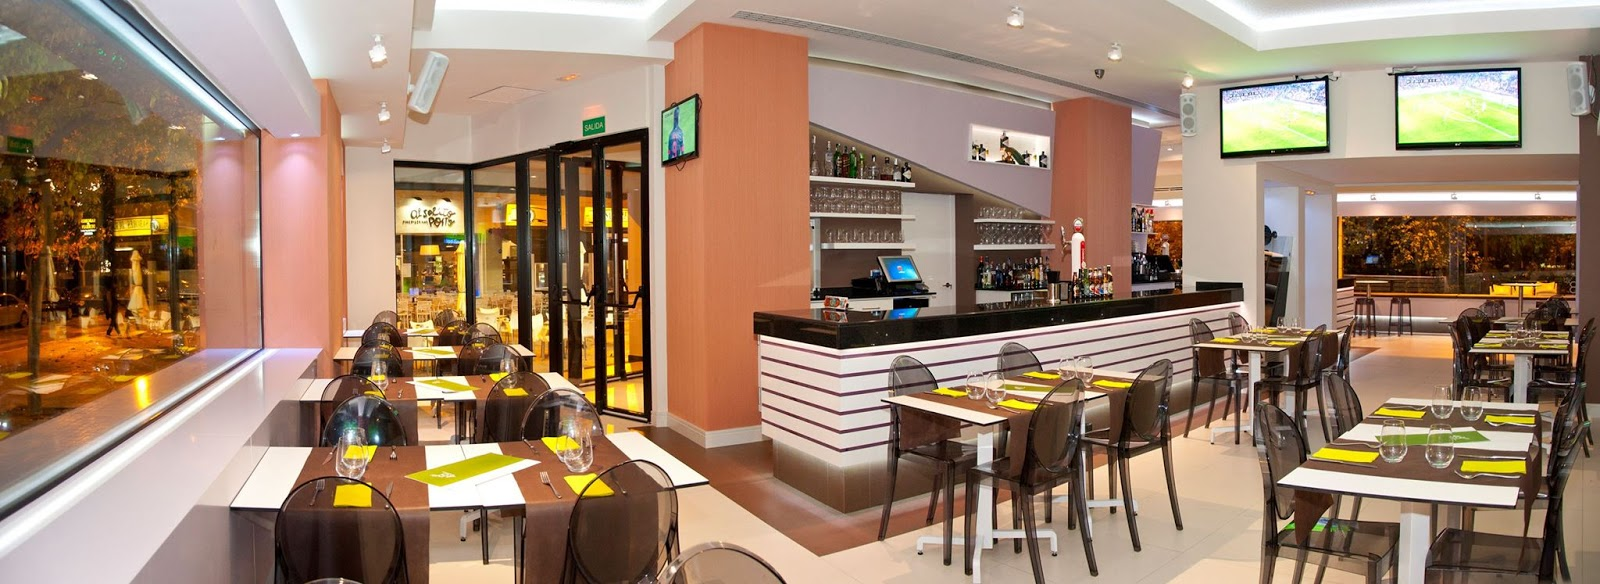 Pub restaurante 48 menus de noche y fiesta gastrocritic for Como administrar un restaurante pequeno